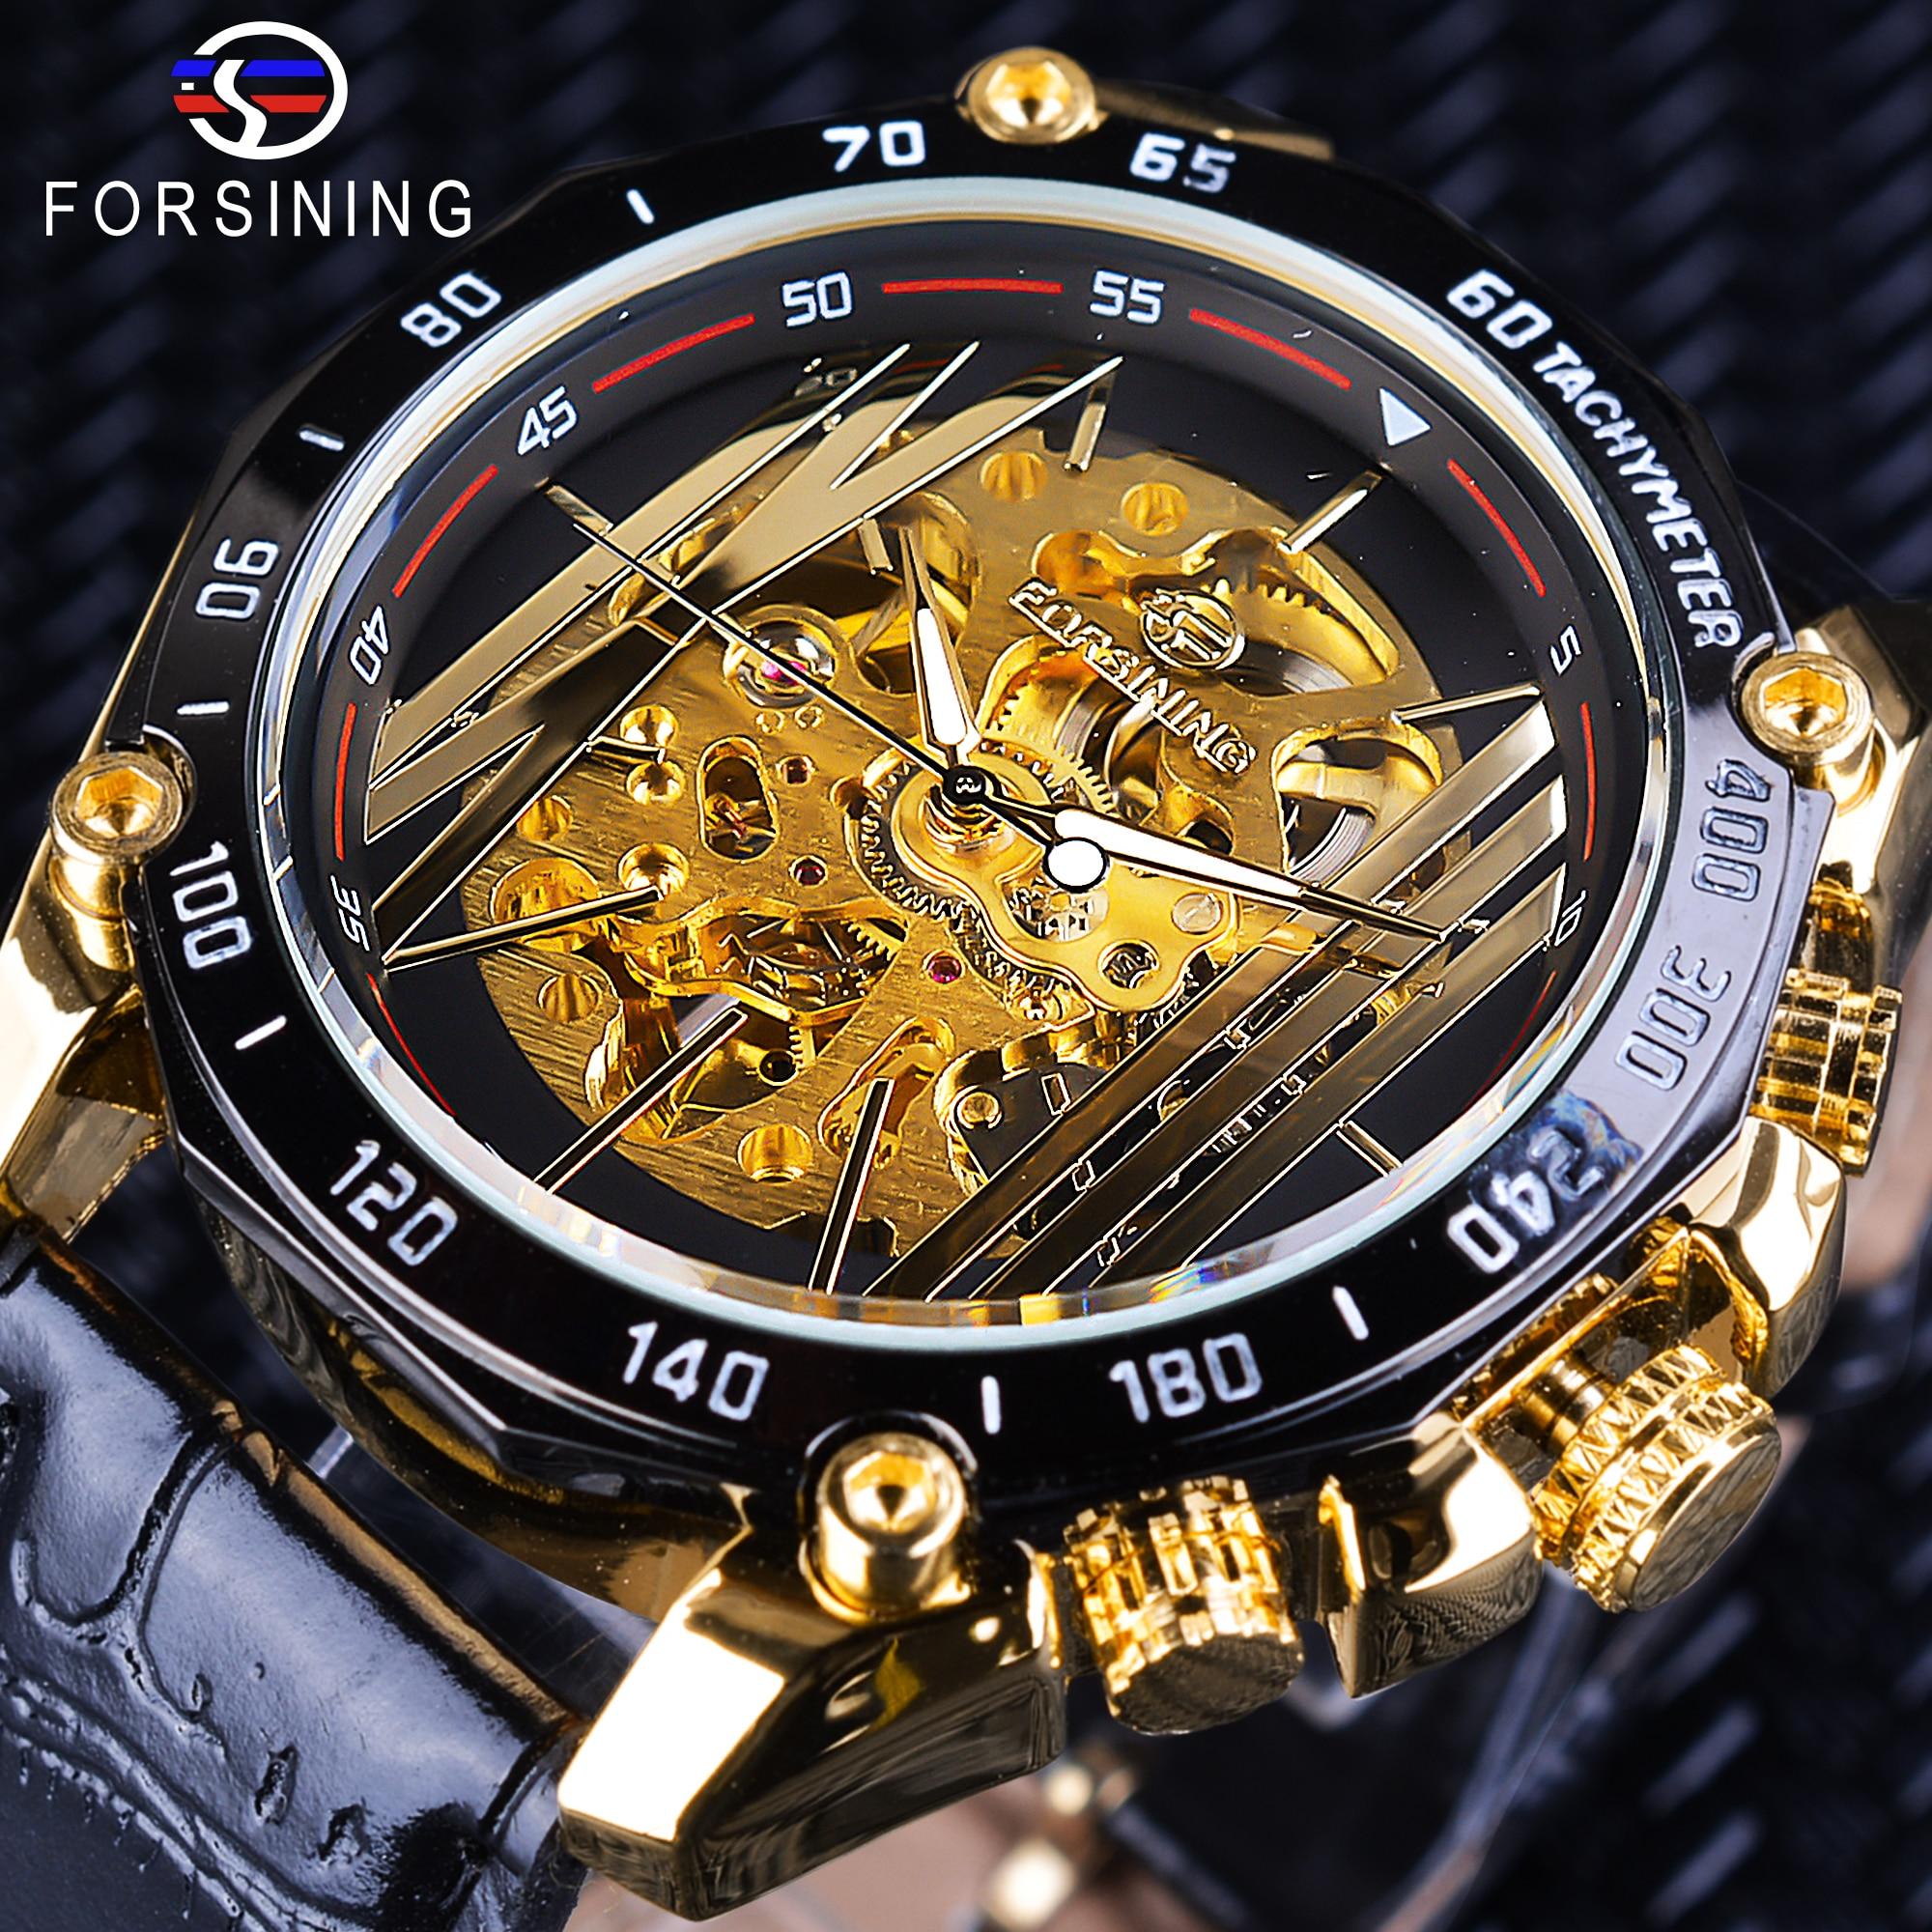 Forsining Grote Wijzerplaat Steampunk Ontwerp Luxe Golden Gear Beweging Mannen Creatieve Opengewerkte Horloges Automatische Mechanische Horloges